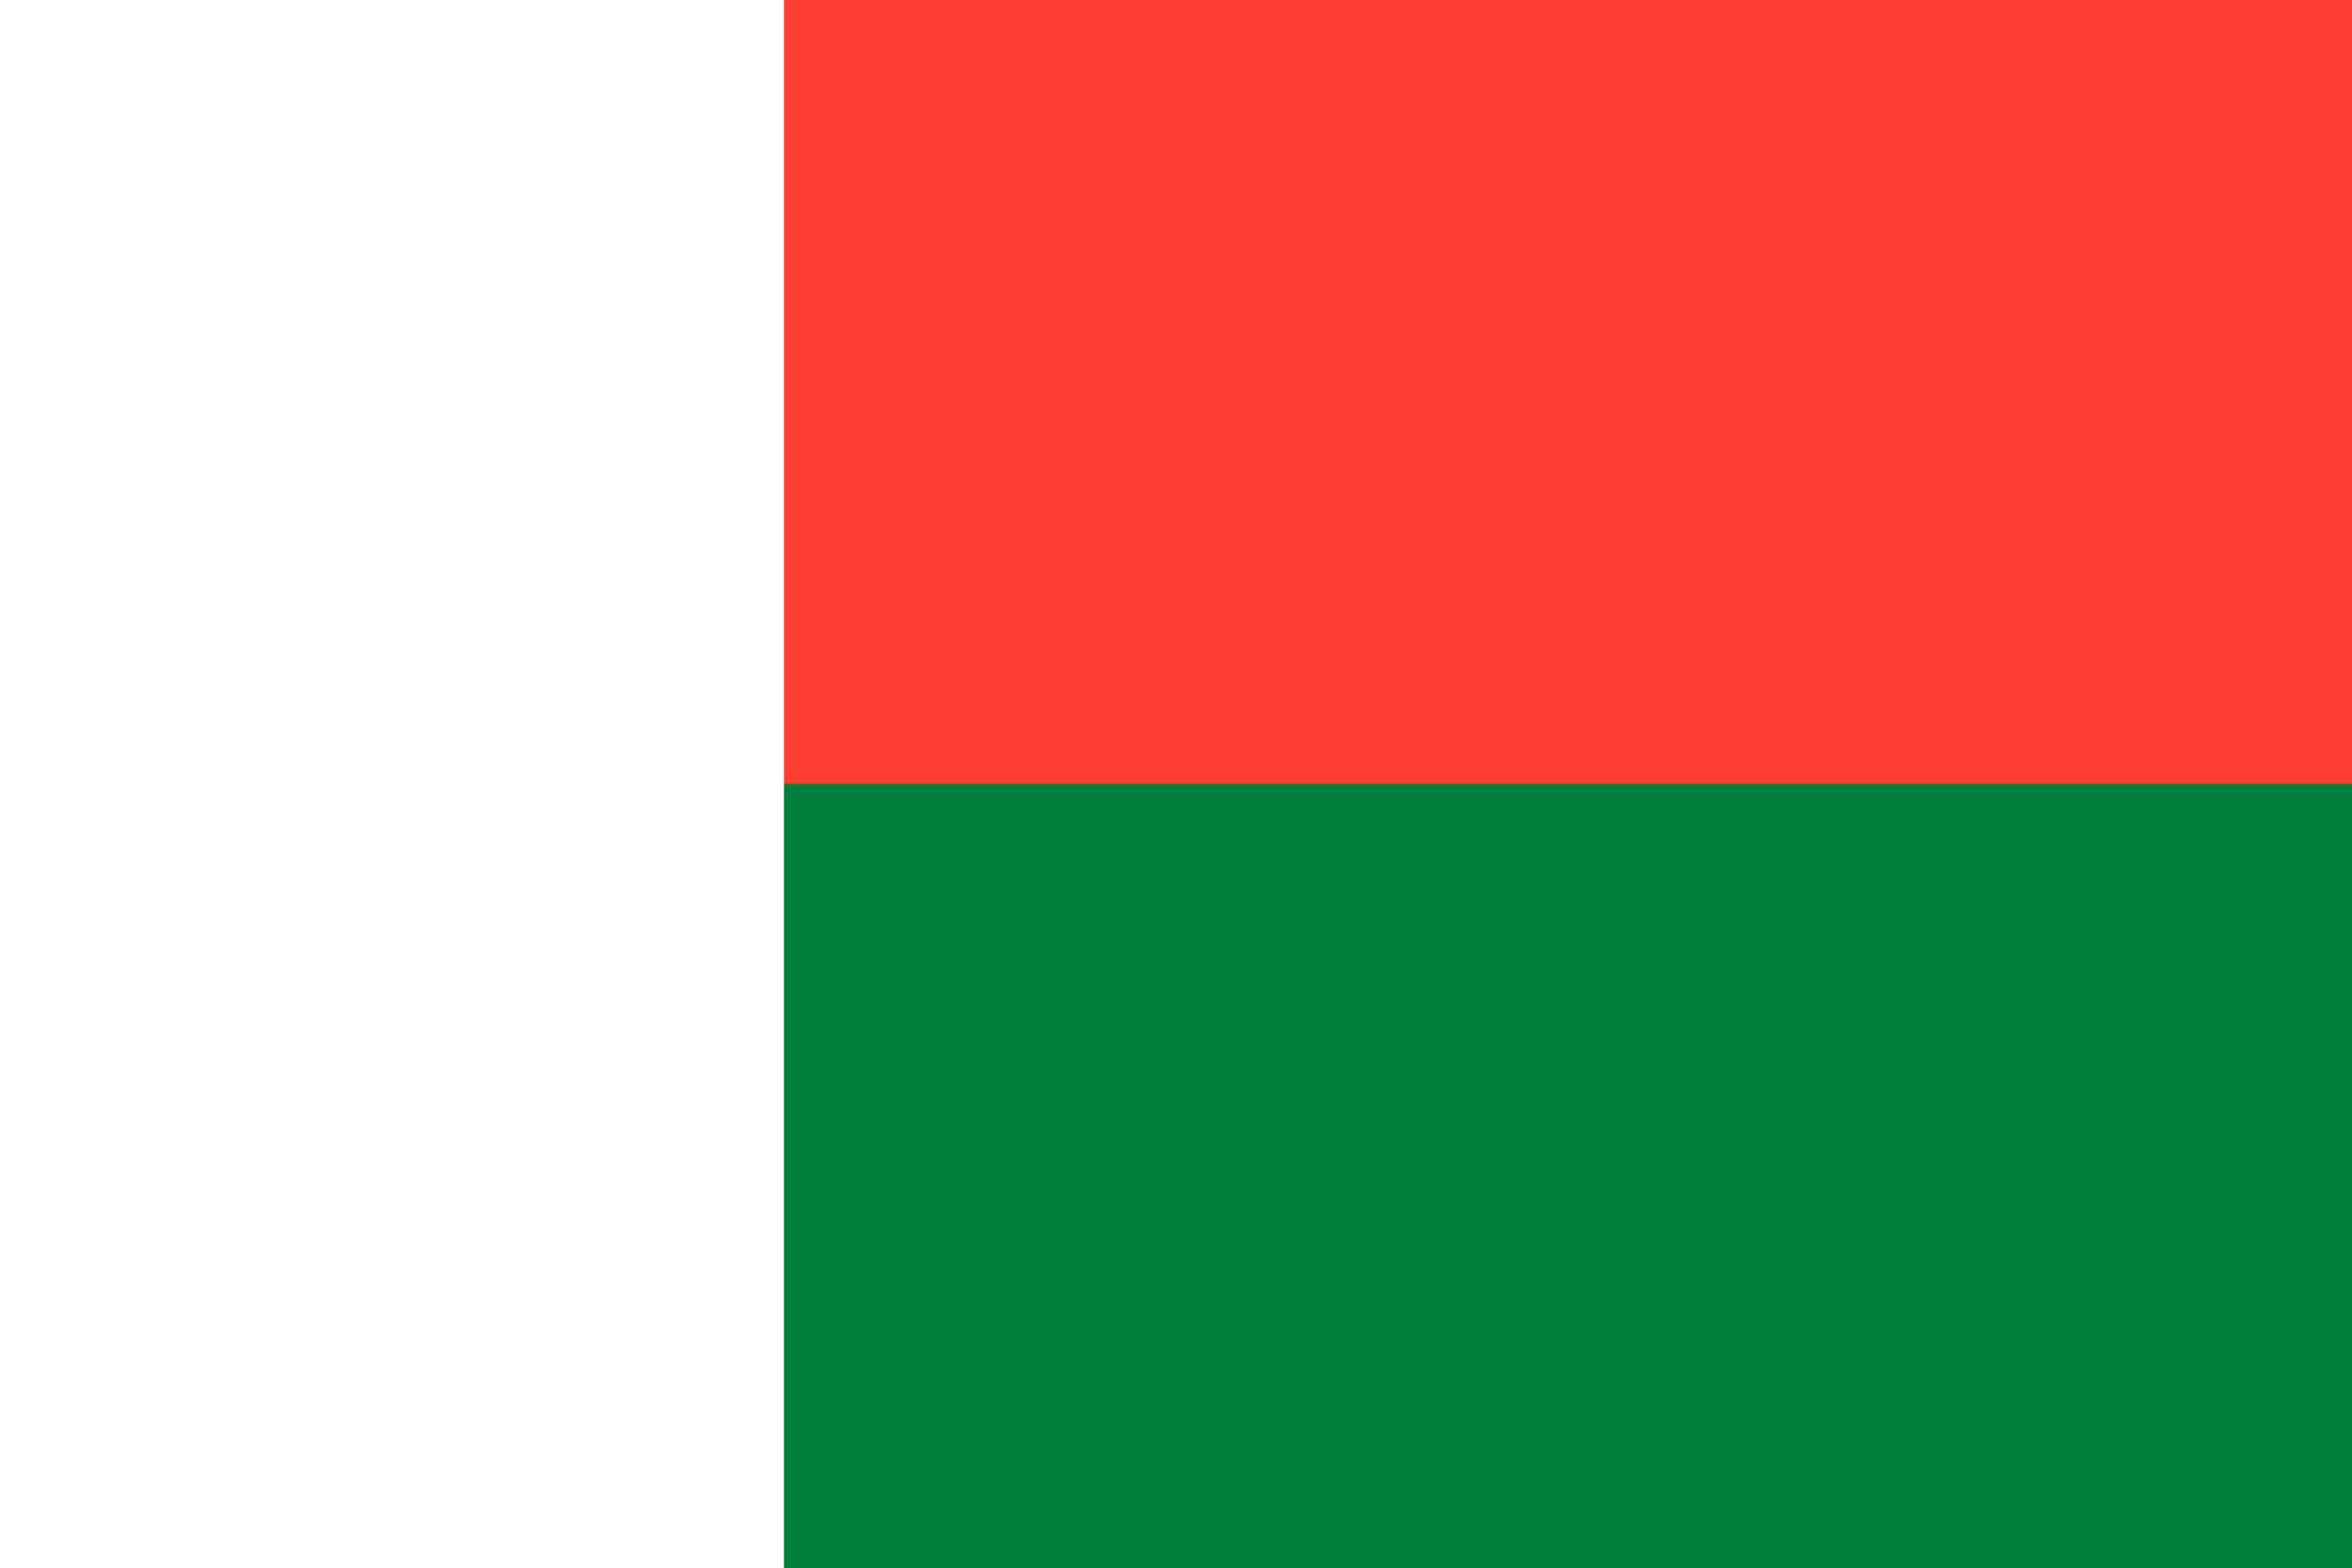 le drapeau de Madagascar